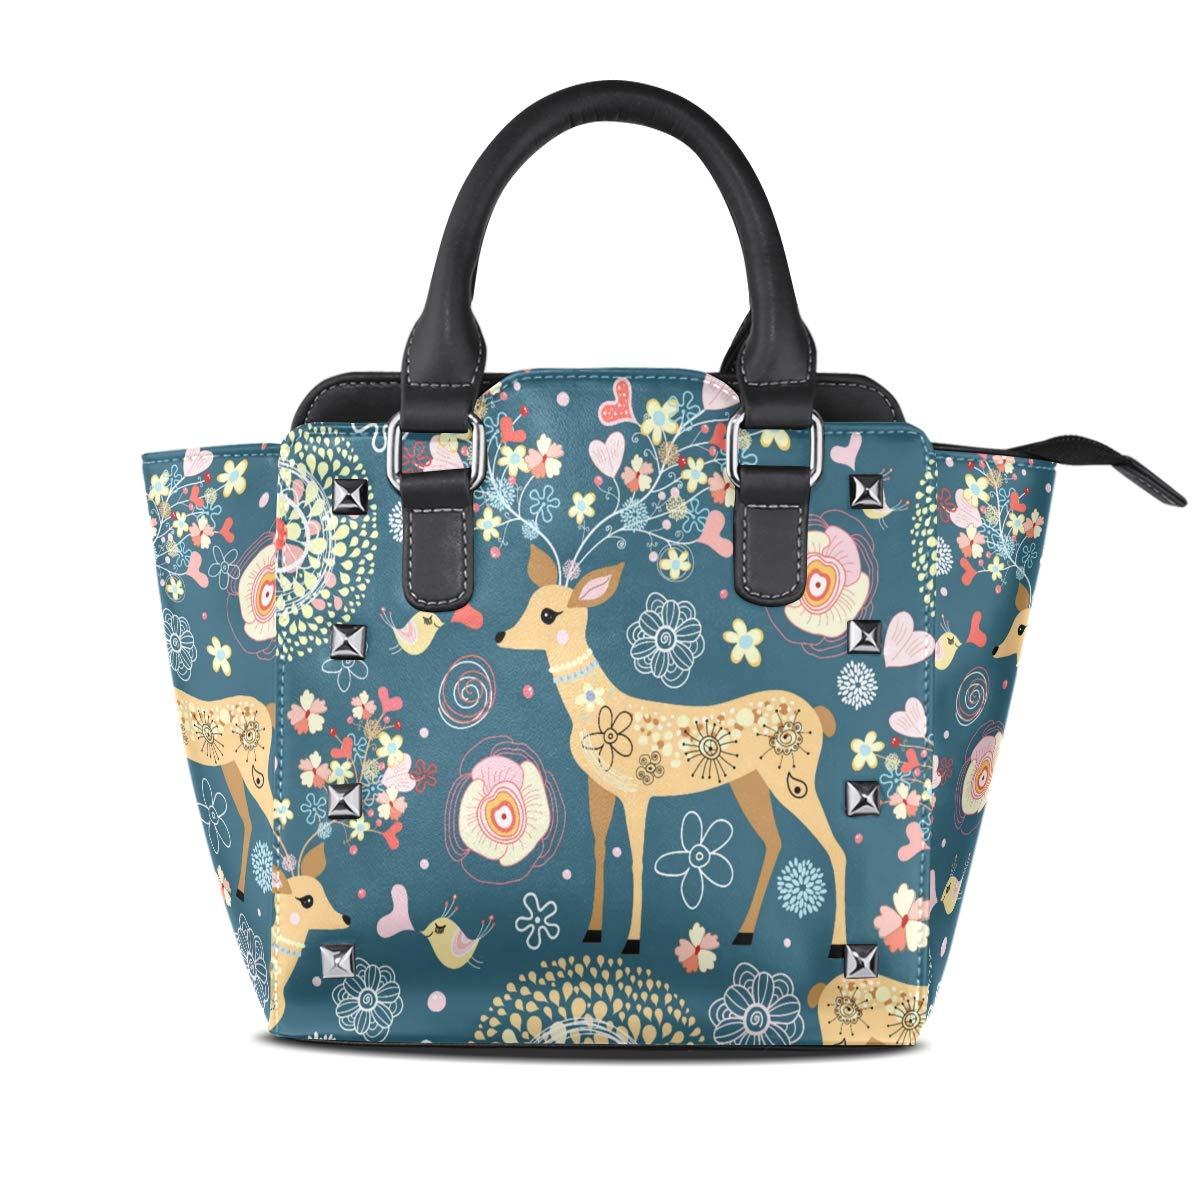 Design1 Handbag Charming Deer Genuine Leather Tote Rivet Bag Shoulder Strap Top Handle Women